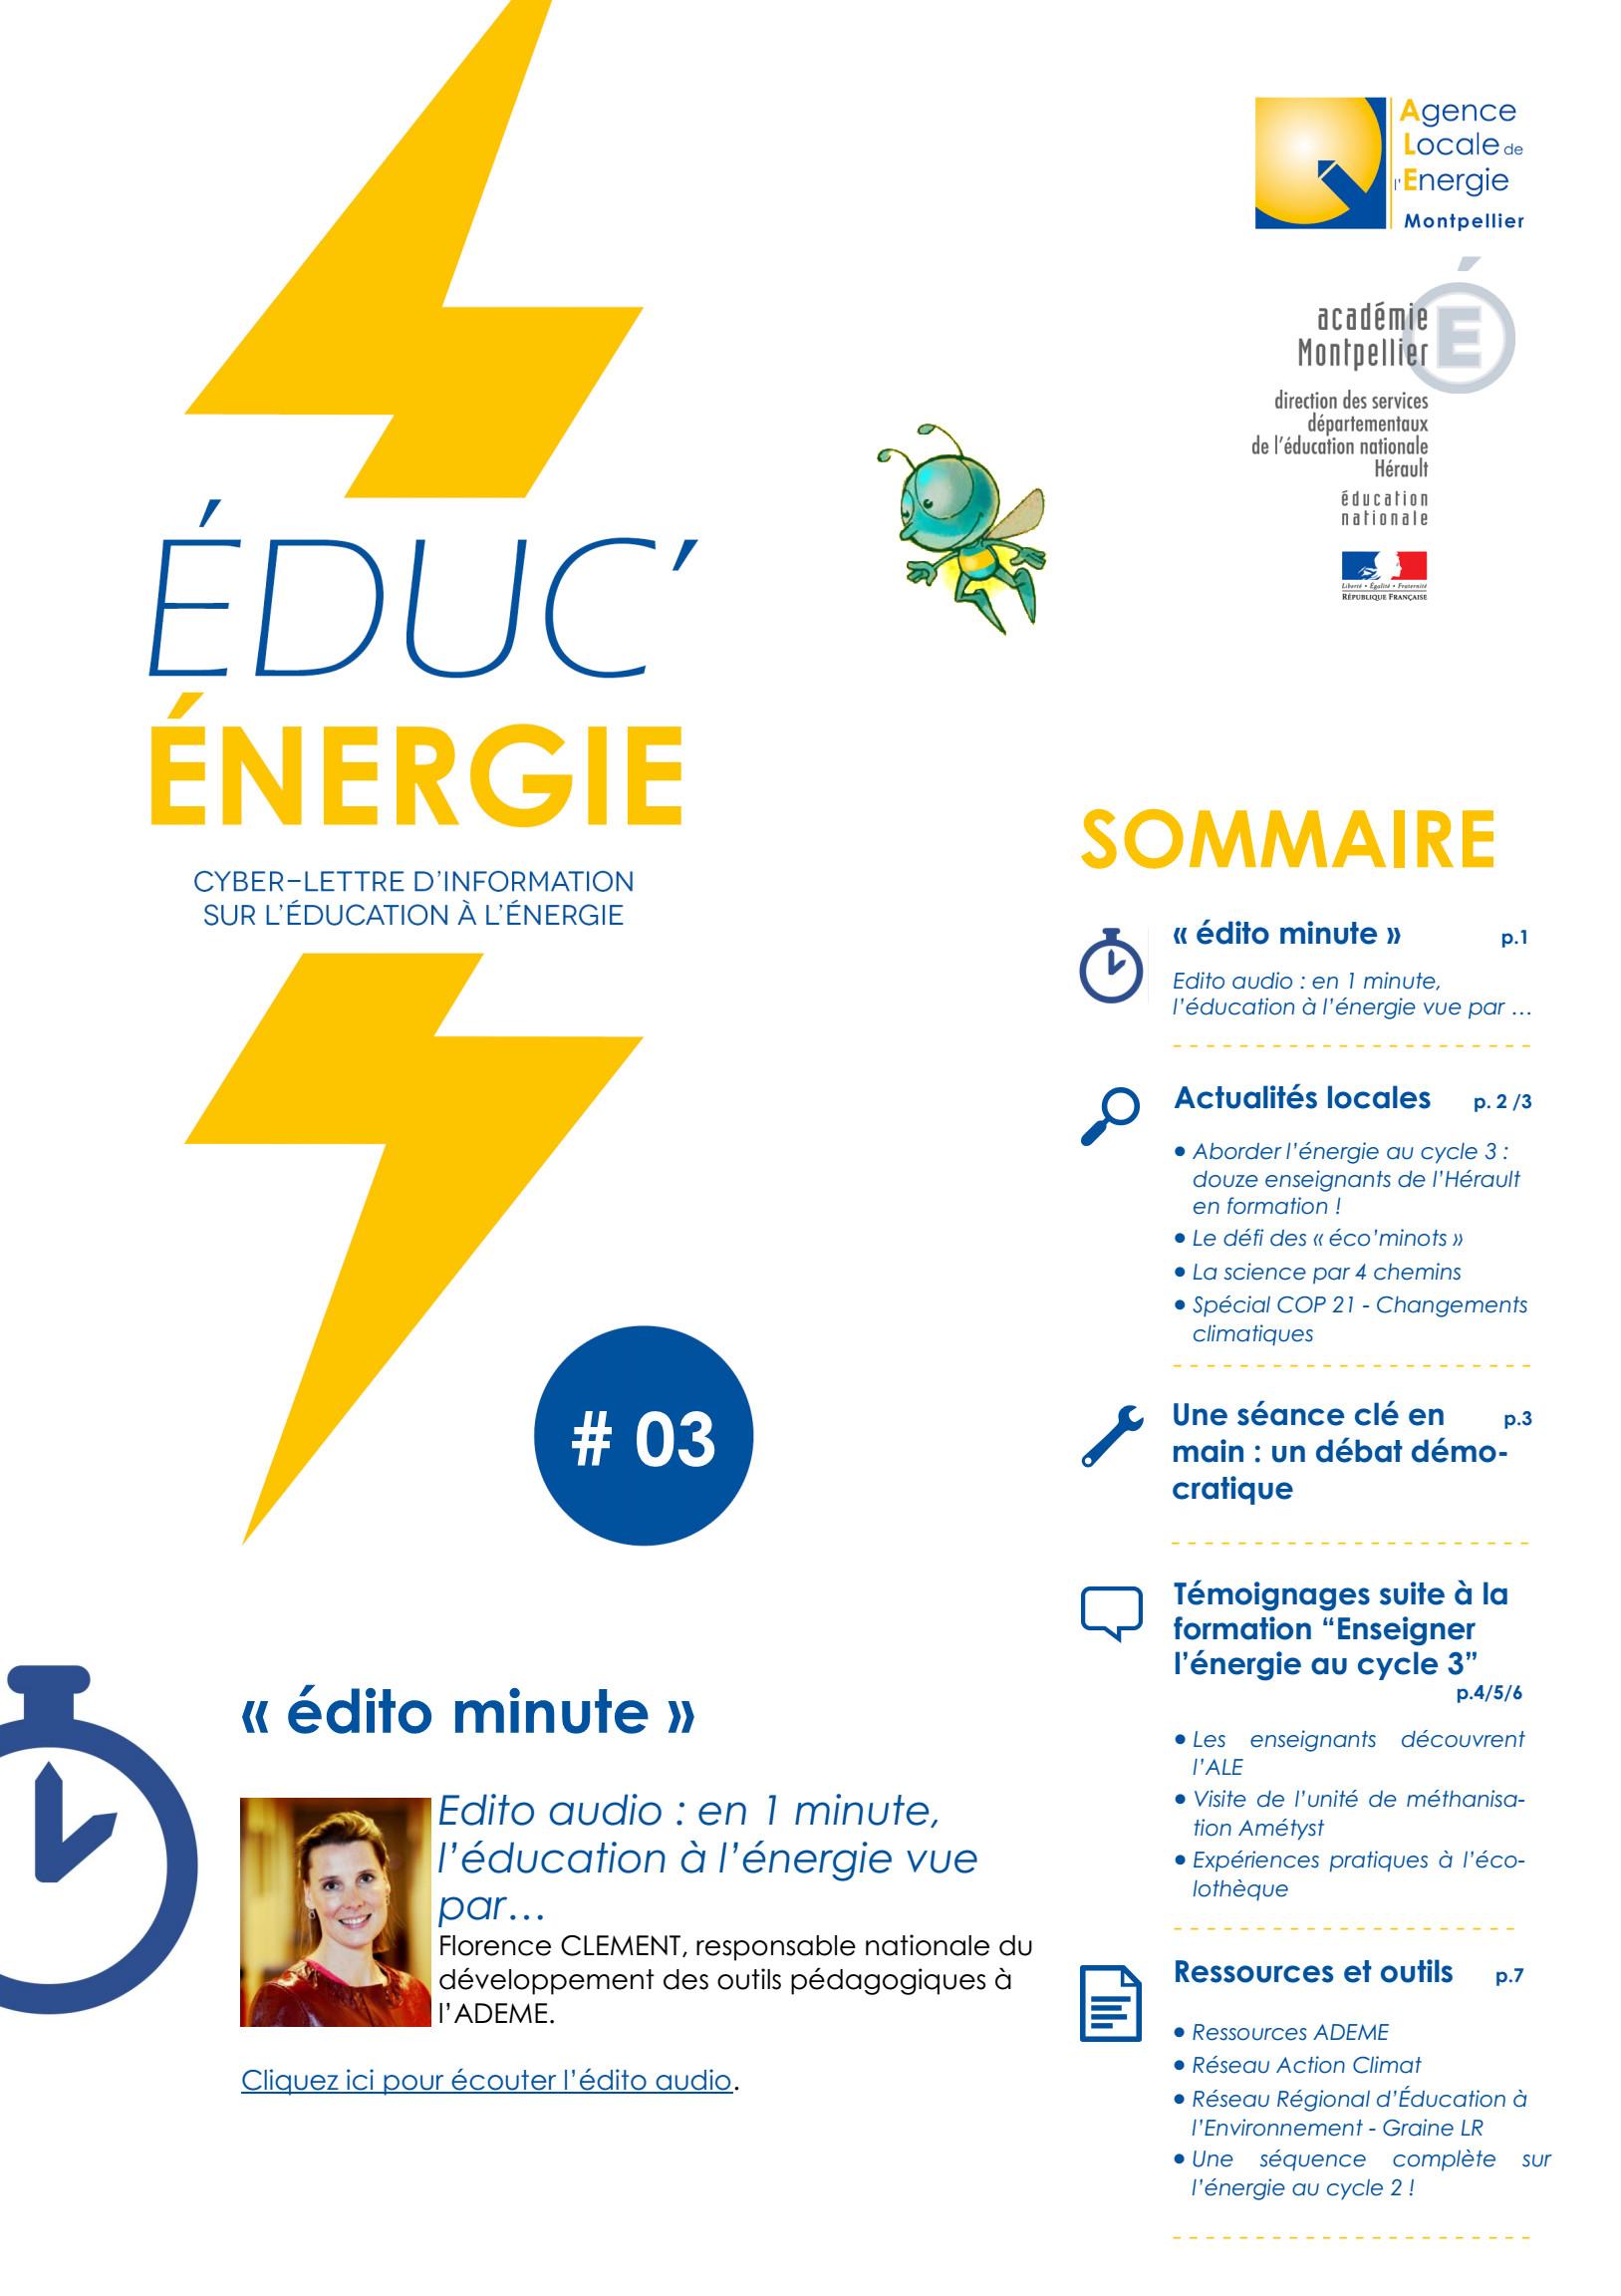 premiere_page_educ_energie-3